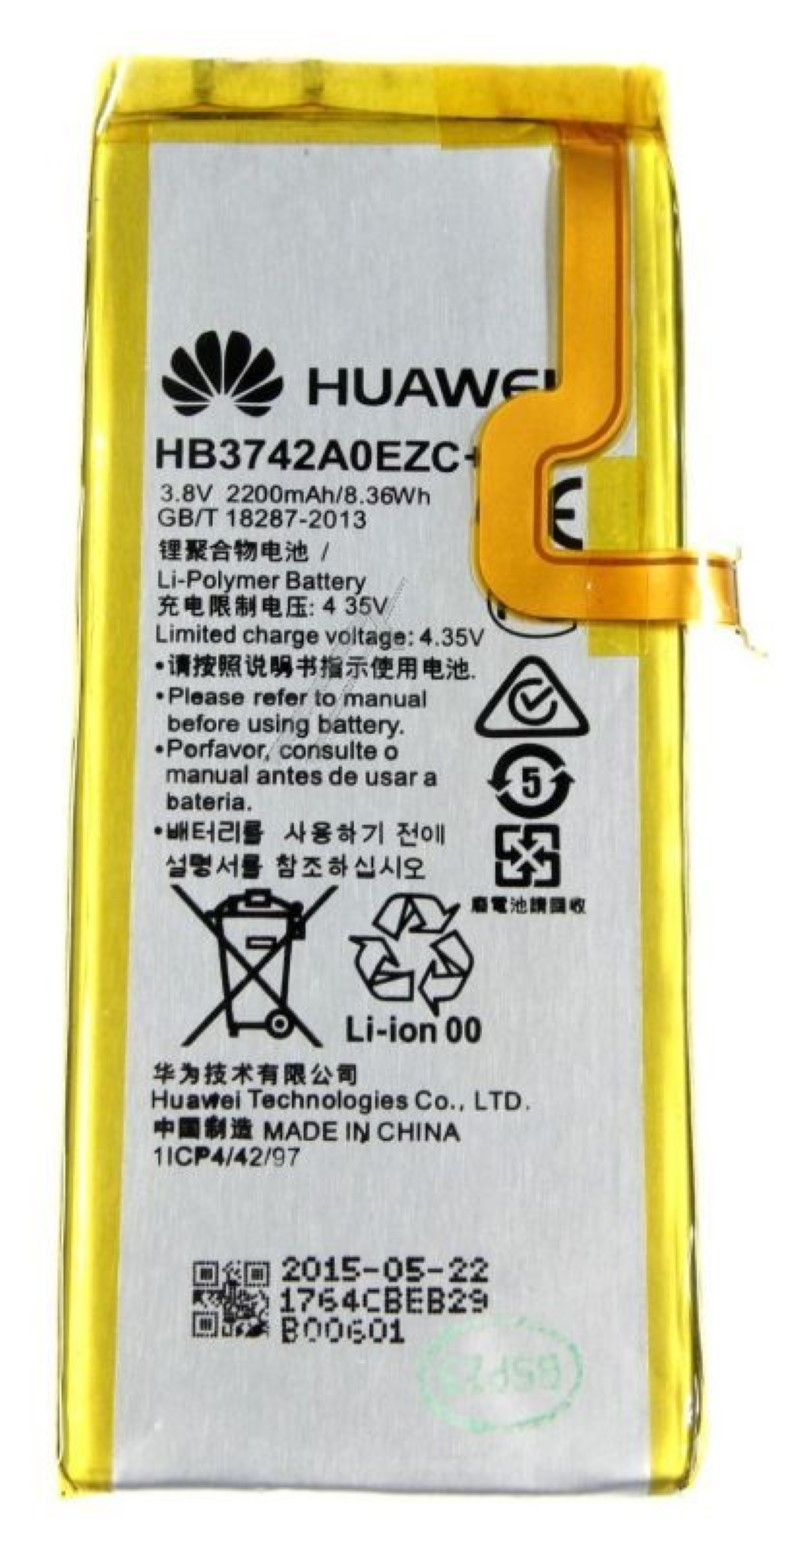 Batteria-Originale-3,8V-2200MAH-per-Huawei-P8-LITE-HB3742A0E